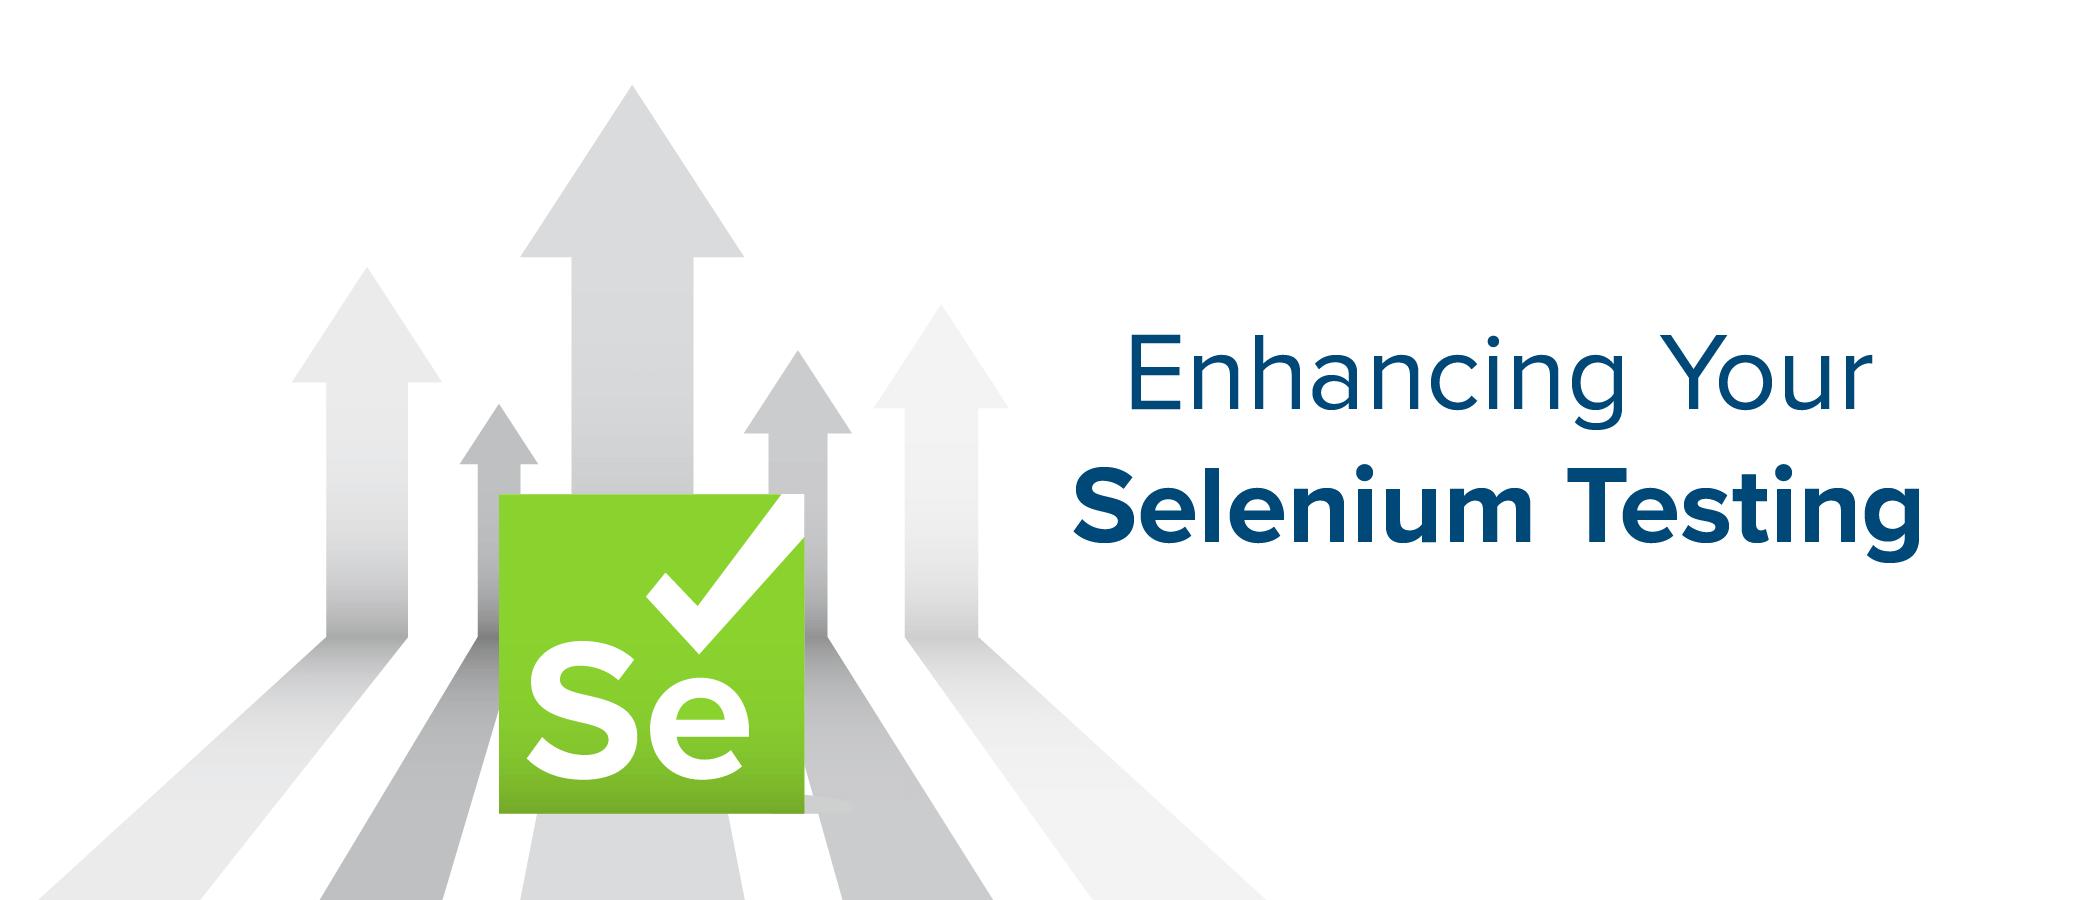 Enhancing Your Selenium Testing